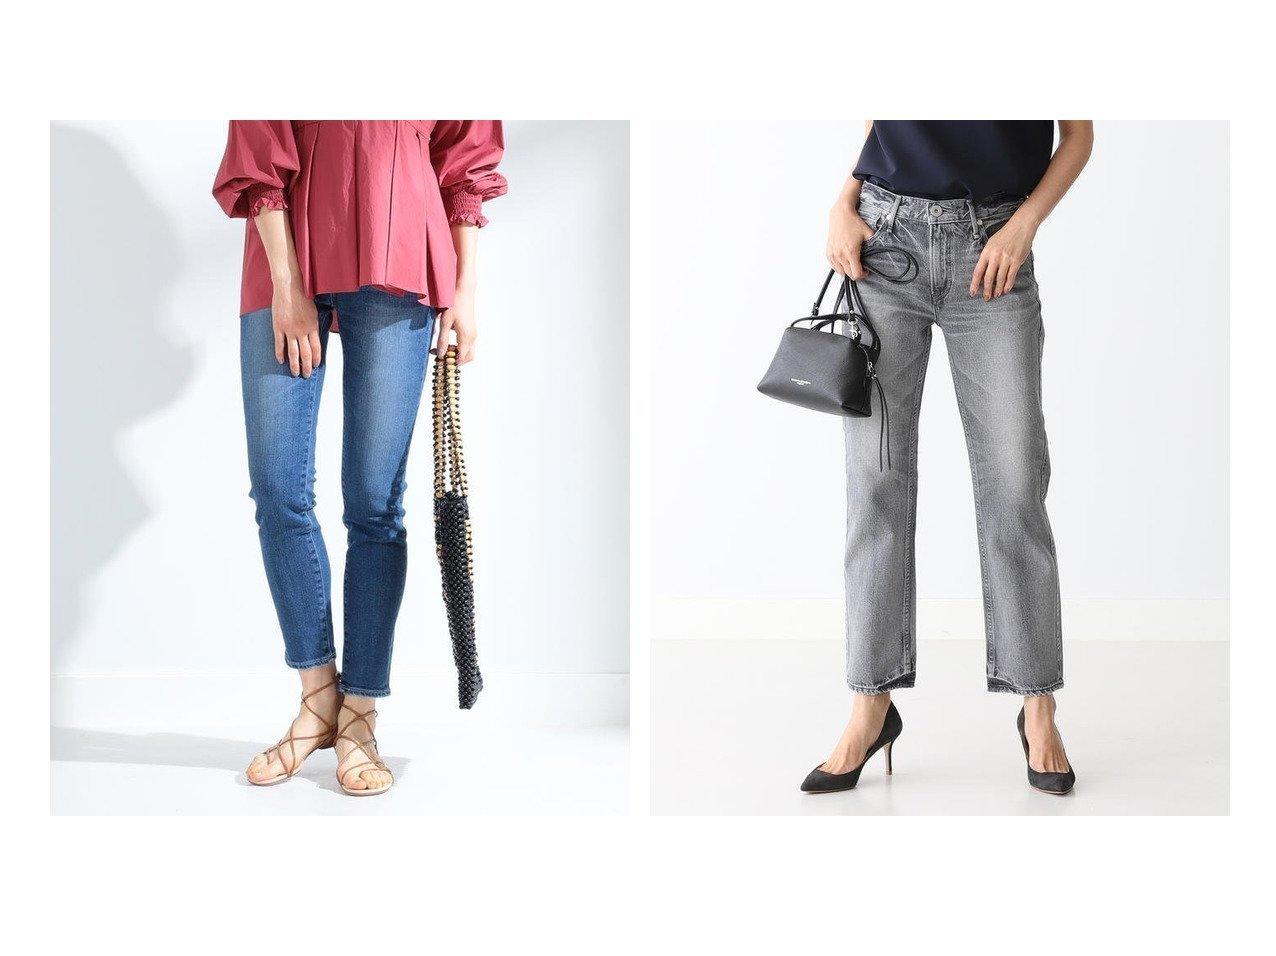 【Ray BEAMS/レイ ビームス】のAnniversary スリム テーパード デニムパンツ&【Demi-Luxe BEAMS/デミルクス ビームス】のTHE LIPSTICK デニムパンツ パンツのおすすめ!人気、トレンド・レディースファッションの通販 おすすめで人気の流行・トレンド、ファッションの通販商品 メンズファッション・キッズファッション・インテリア・家具・レディースファッション・服の通販 founy(ファニー) https://founy.com/ ファッション Fashion レディースファッション WOMEN パンツ Pants デニムパンツ Denim Pants コレクション ジーンズ ストレッチ スリム テーパード デニム 再入荷 Restock/Back in Stock/Re Arrival パターン フィット おすすめ Recommend |ID:crp329100000022389